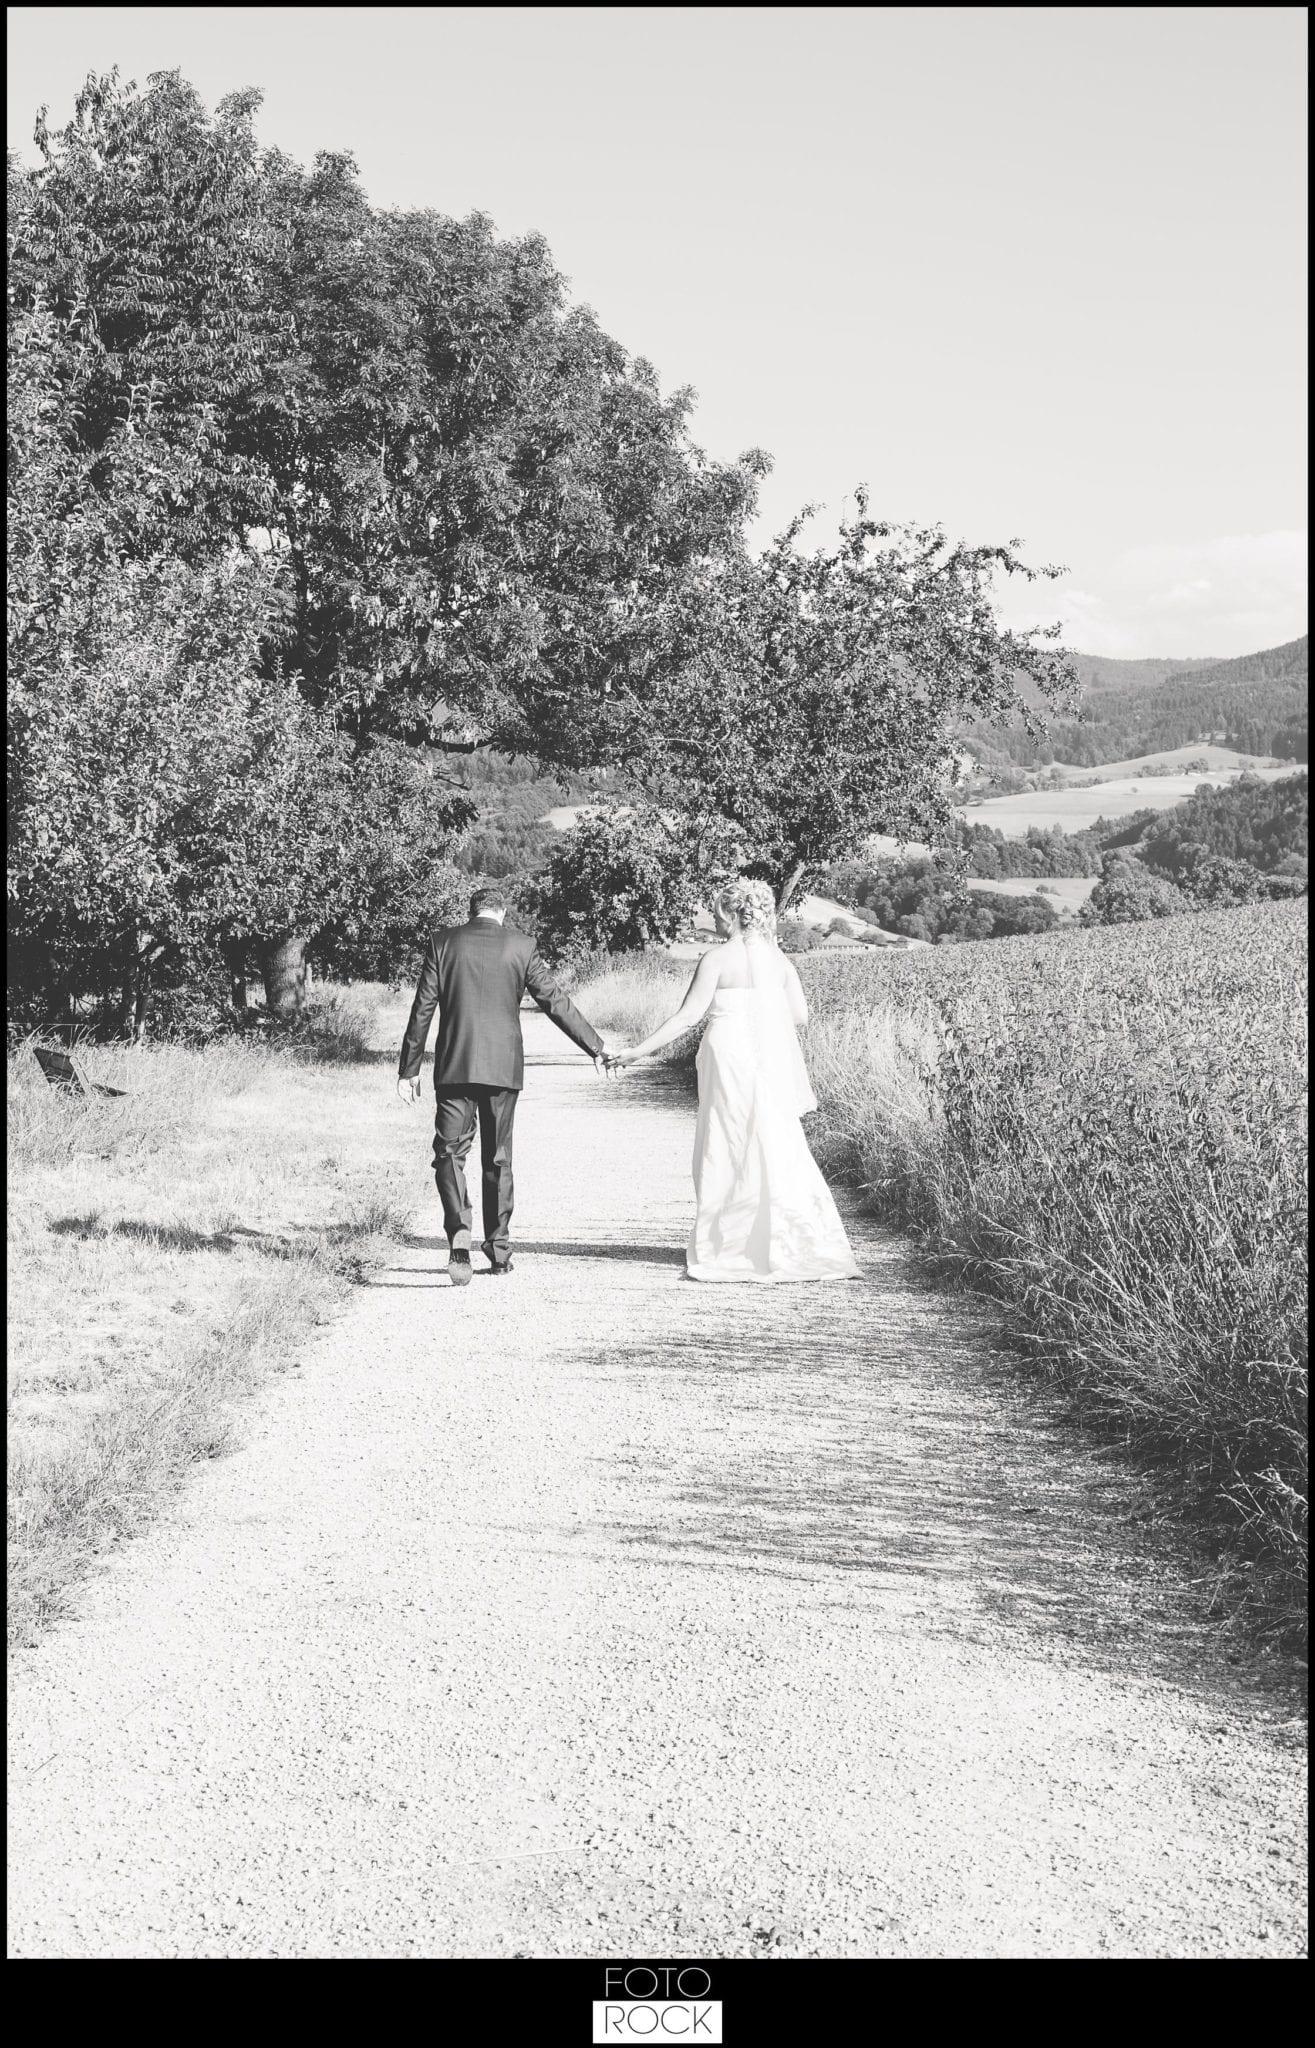 Hochzeit Jesuitenschloss Freiburg brautpaar fotoshooting feld wiese